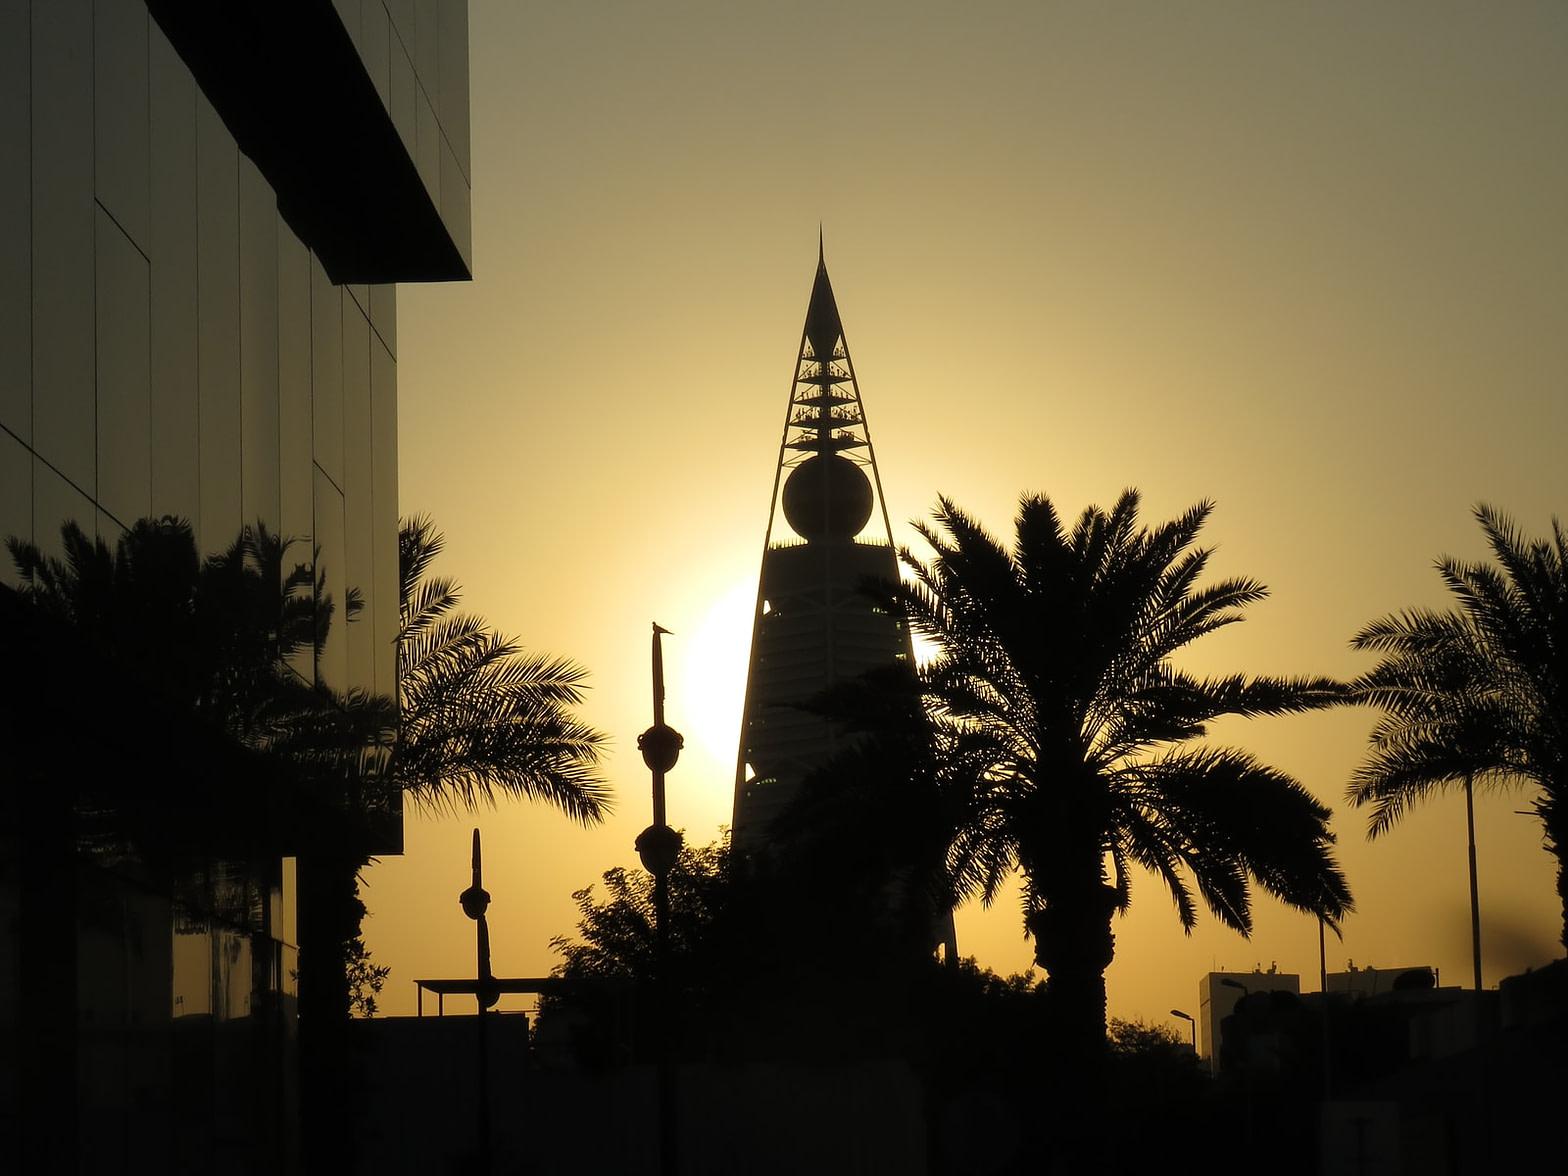 الرياض,RUH,RIYADH